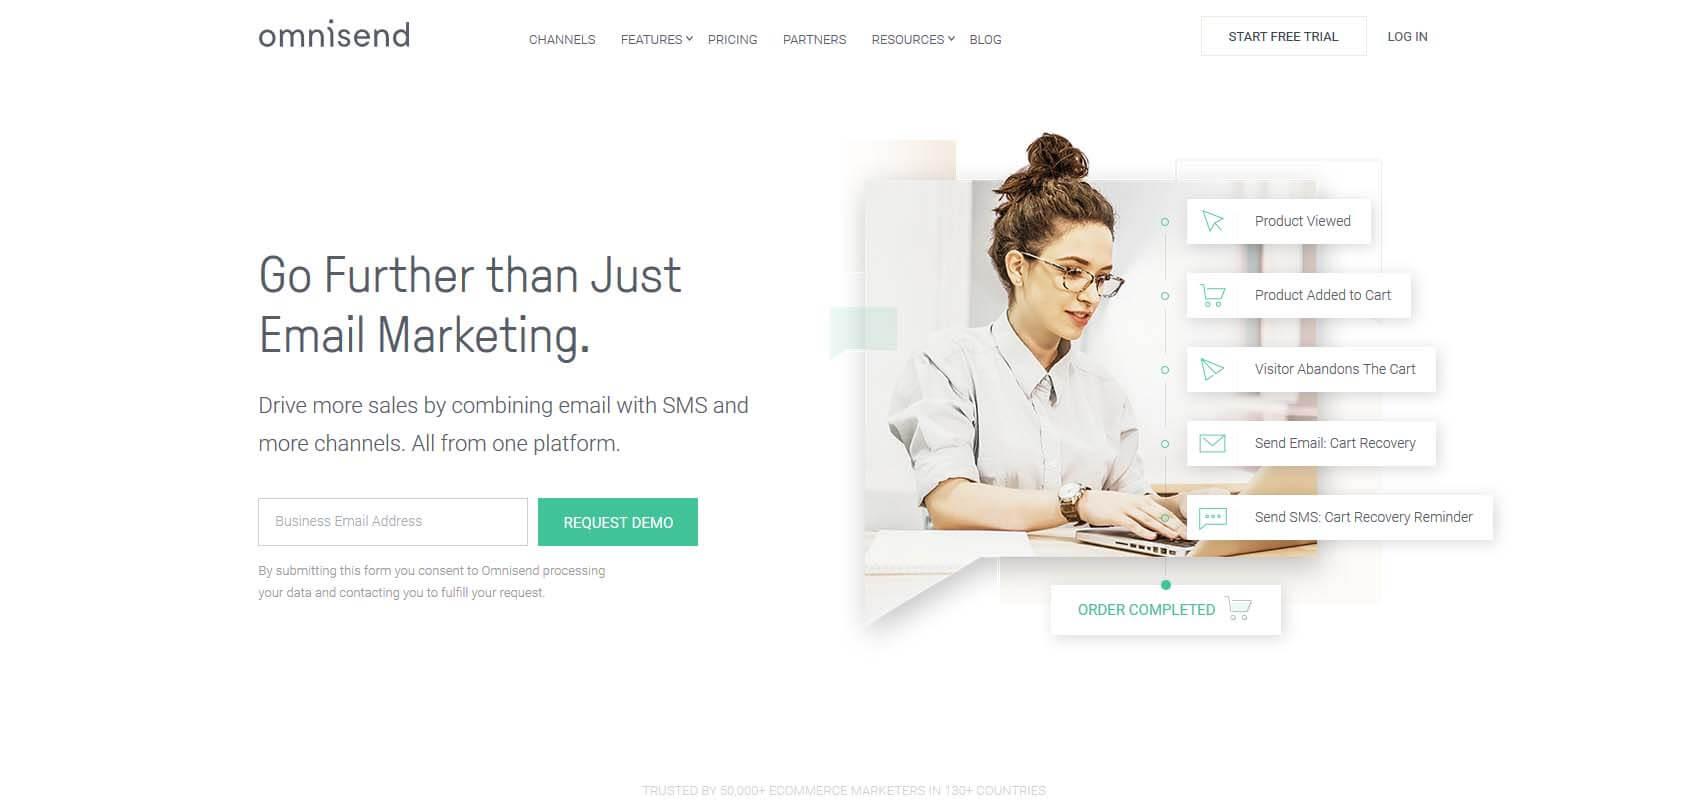 Omnisend homepage